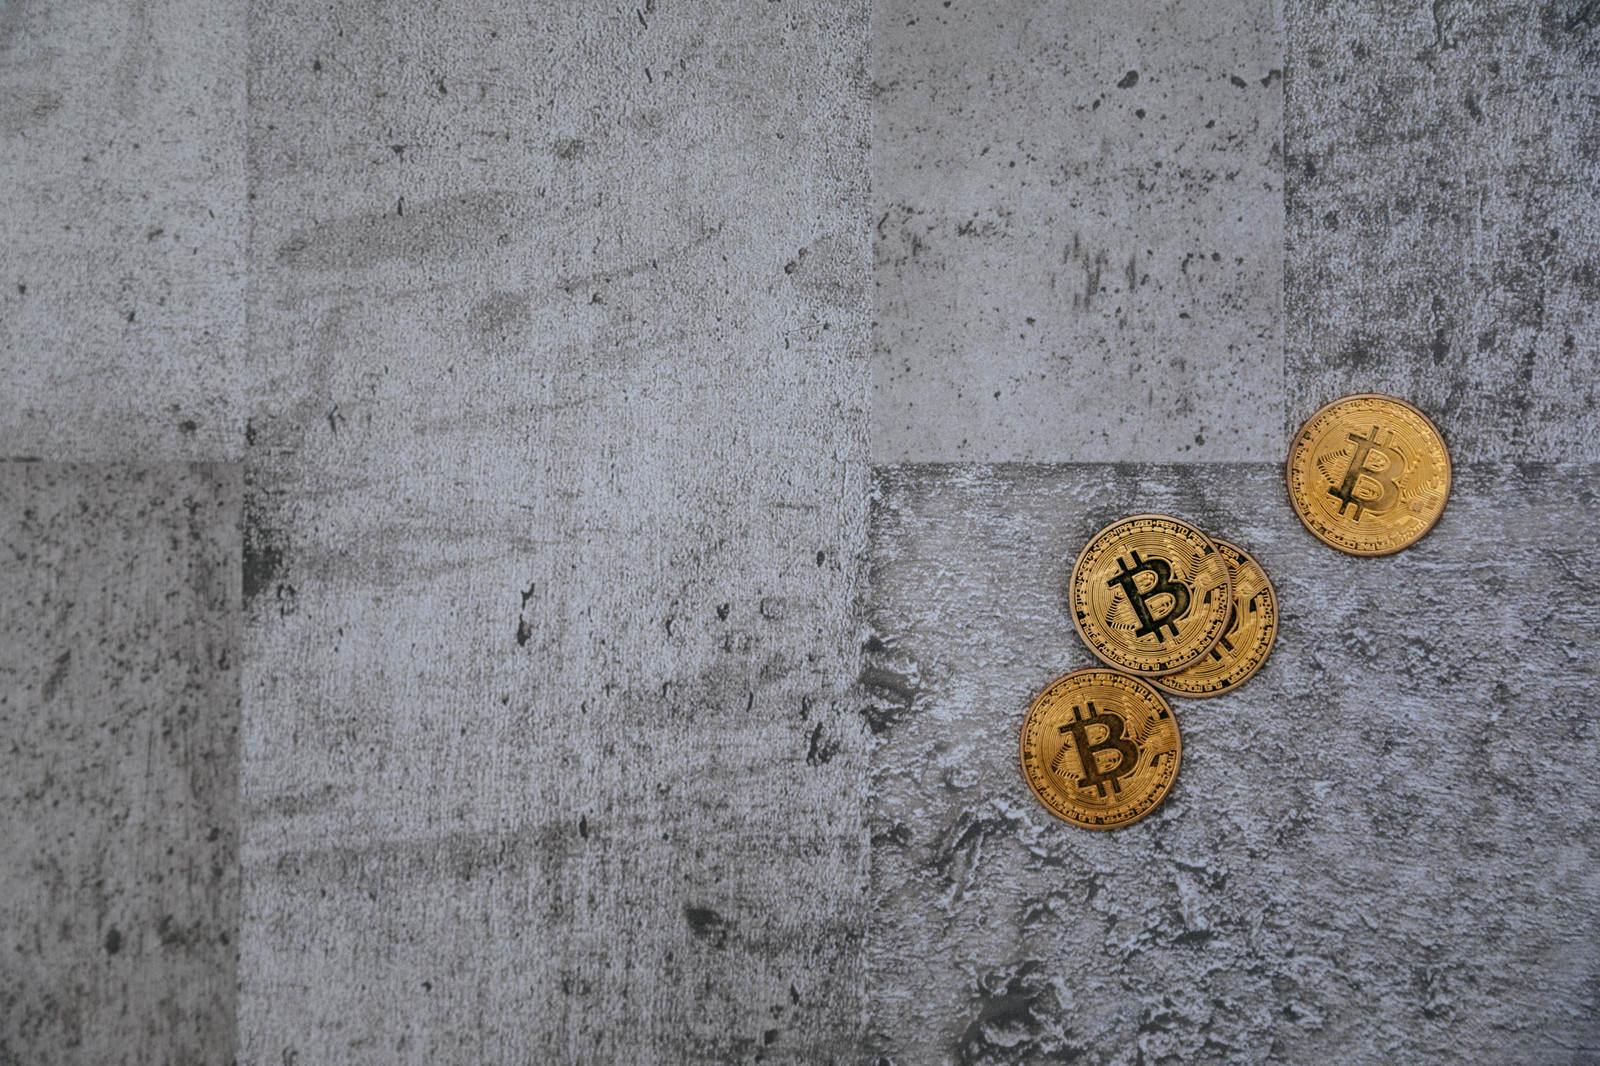 「投げ捨てられたビットコイン(Bitcoin)投げ捨てられたビットコイン(Bitcoin)」のフリー写真素材を拡大